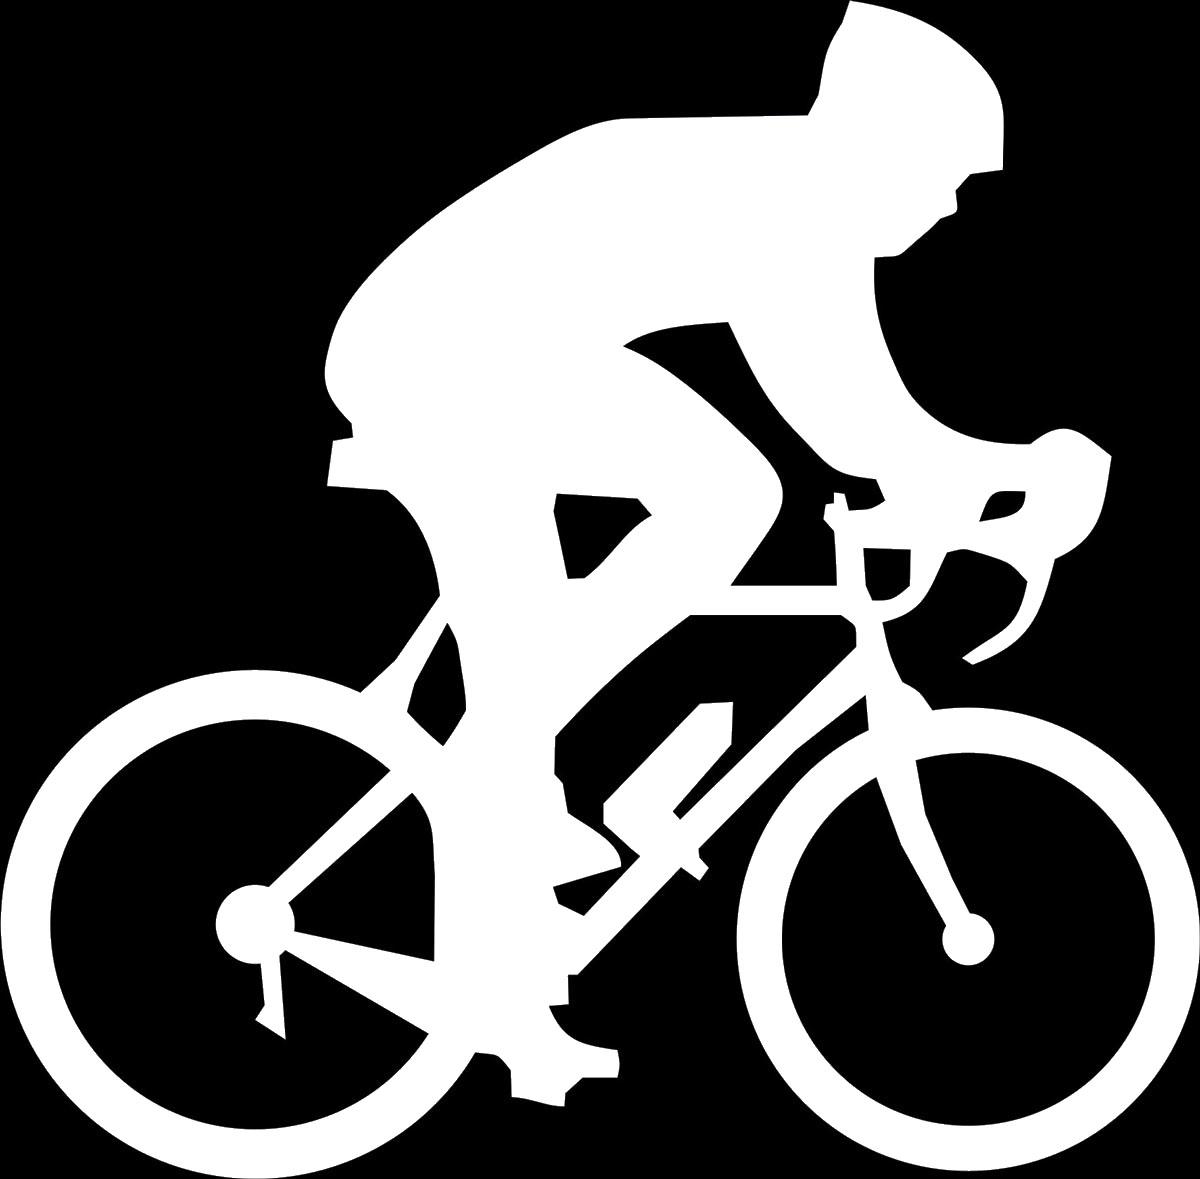 Наклейка автомобильная Оранжевый слоник Велосипедист 1, виниловая, цвет: белыйABS-14,4 Sli BMCОригинальная наклейка Оранжевый слоник Велосипедист 1 изготовлена из высококачественного винила, который выполняет не только декоративную функцию, но и защищает кузов от небольших механических повреждений, либо скрывает уже существующие.Виниловые наклейки на авто - это не только красиво, но еще и быстро! Всего за несколько минут вы можете полностью преобразить свой автомобиль, сделать его ярким, необычным, особенным и неповторимым!